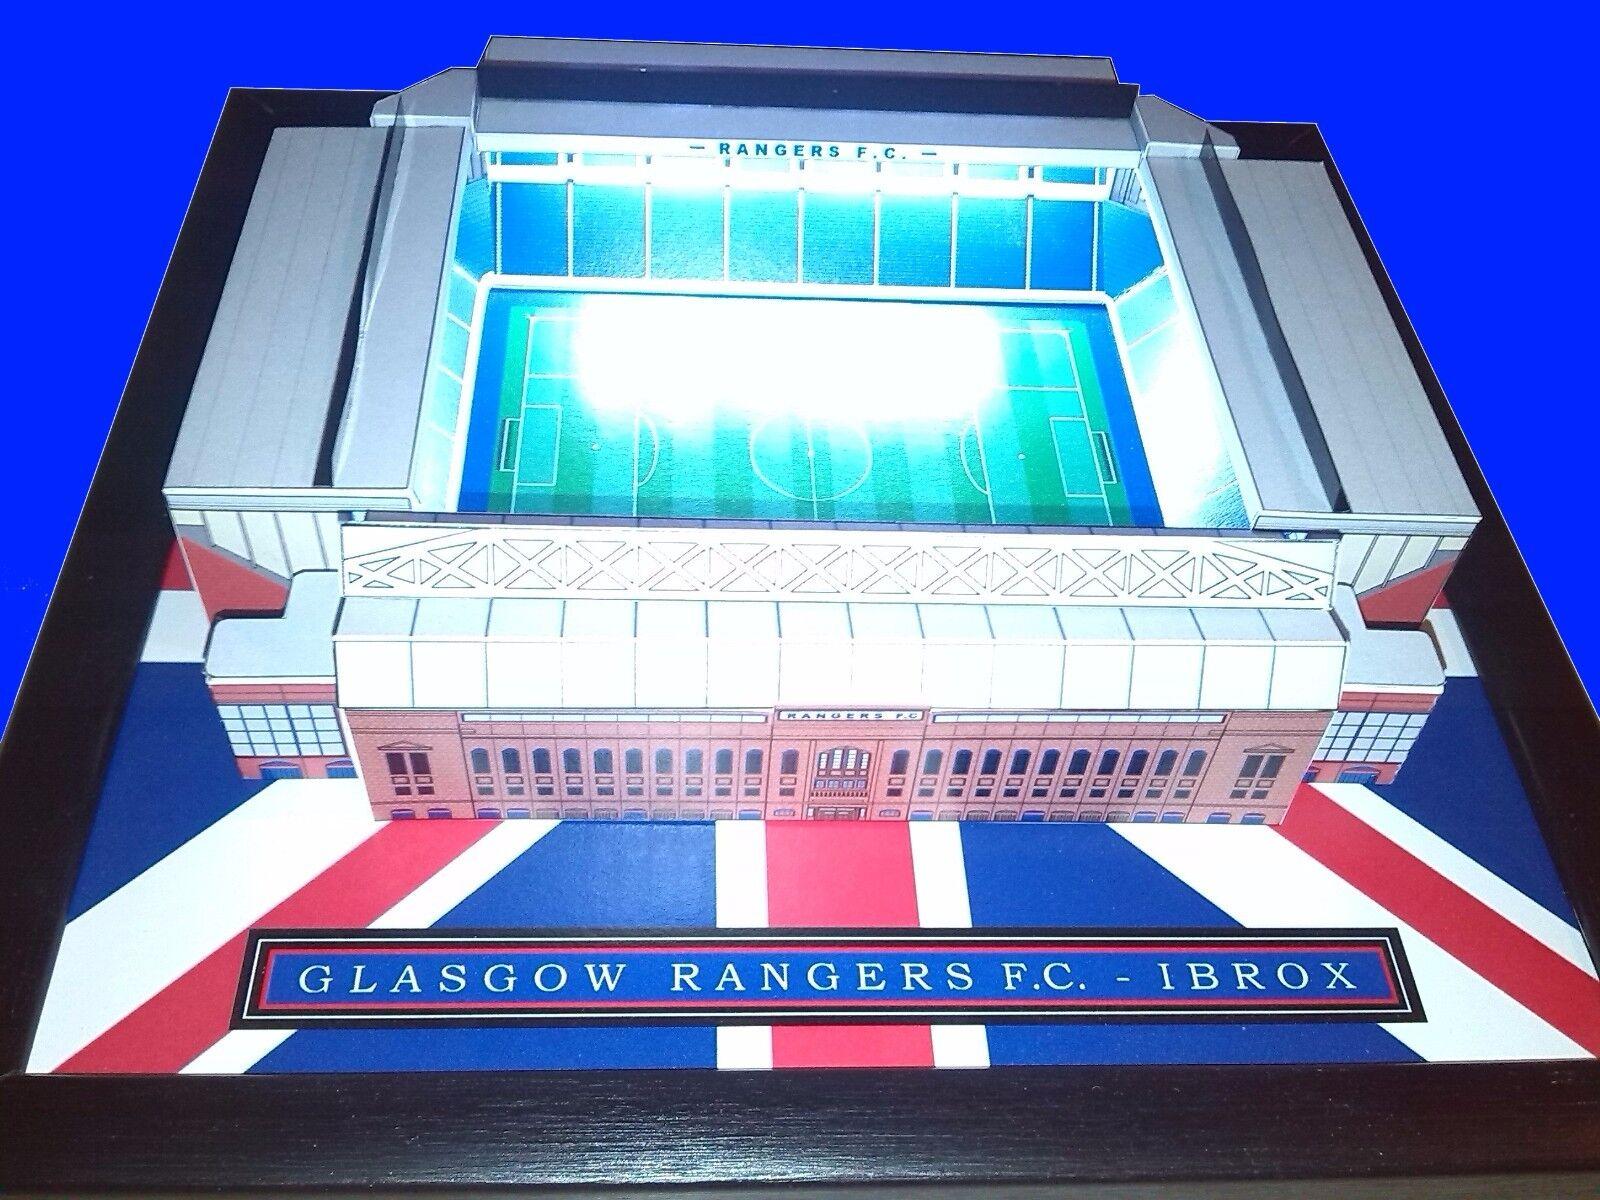 Personalisiert Mini Fußballstadion mit Working Lichter | Clearance Sale  | Großer Räumungsverkauf